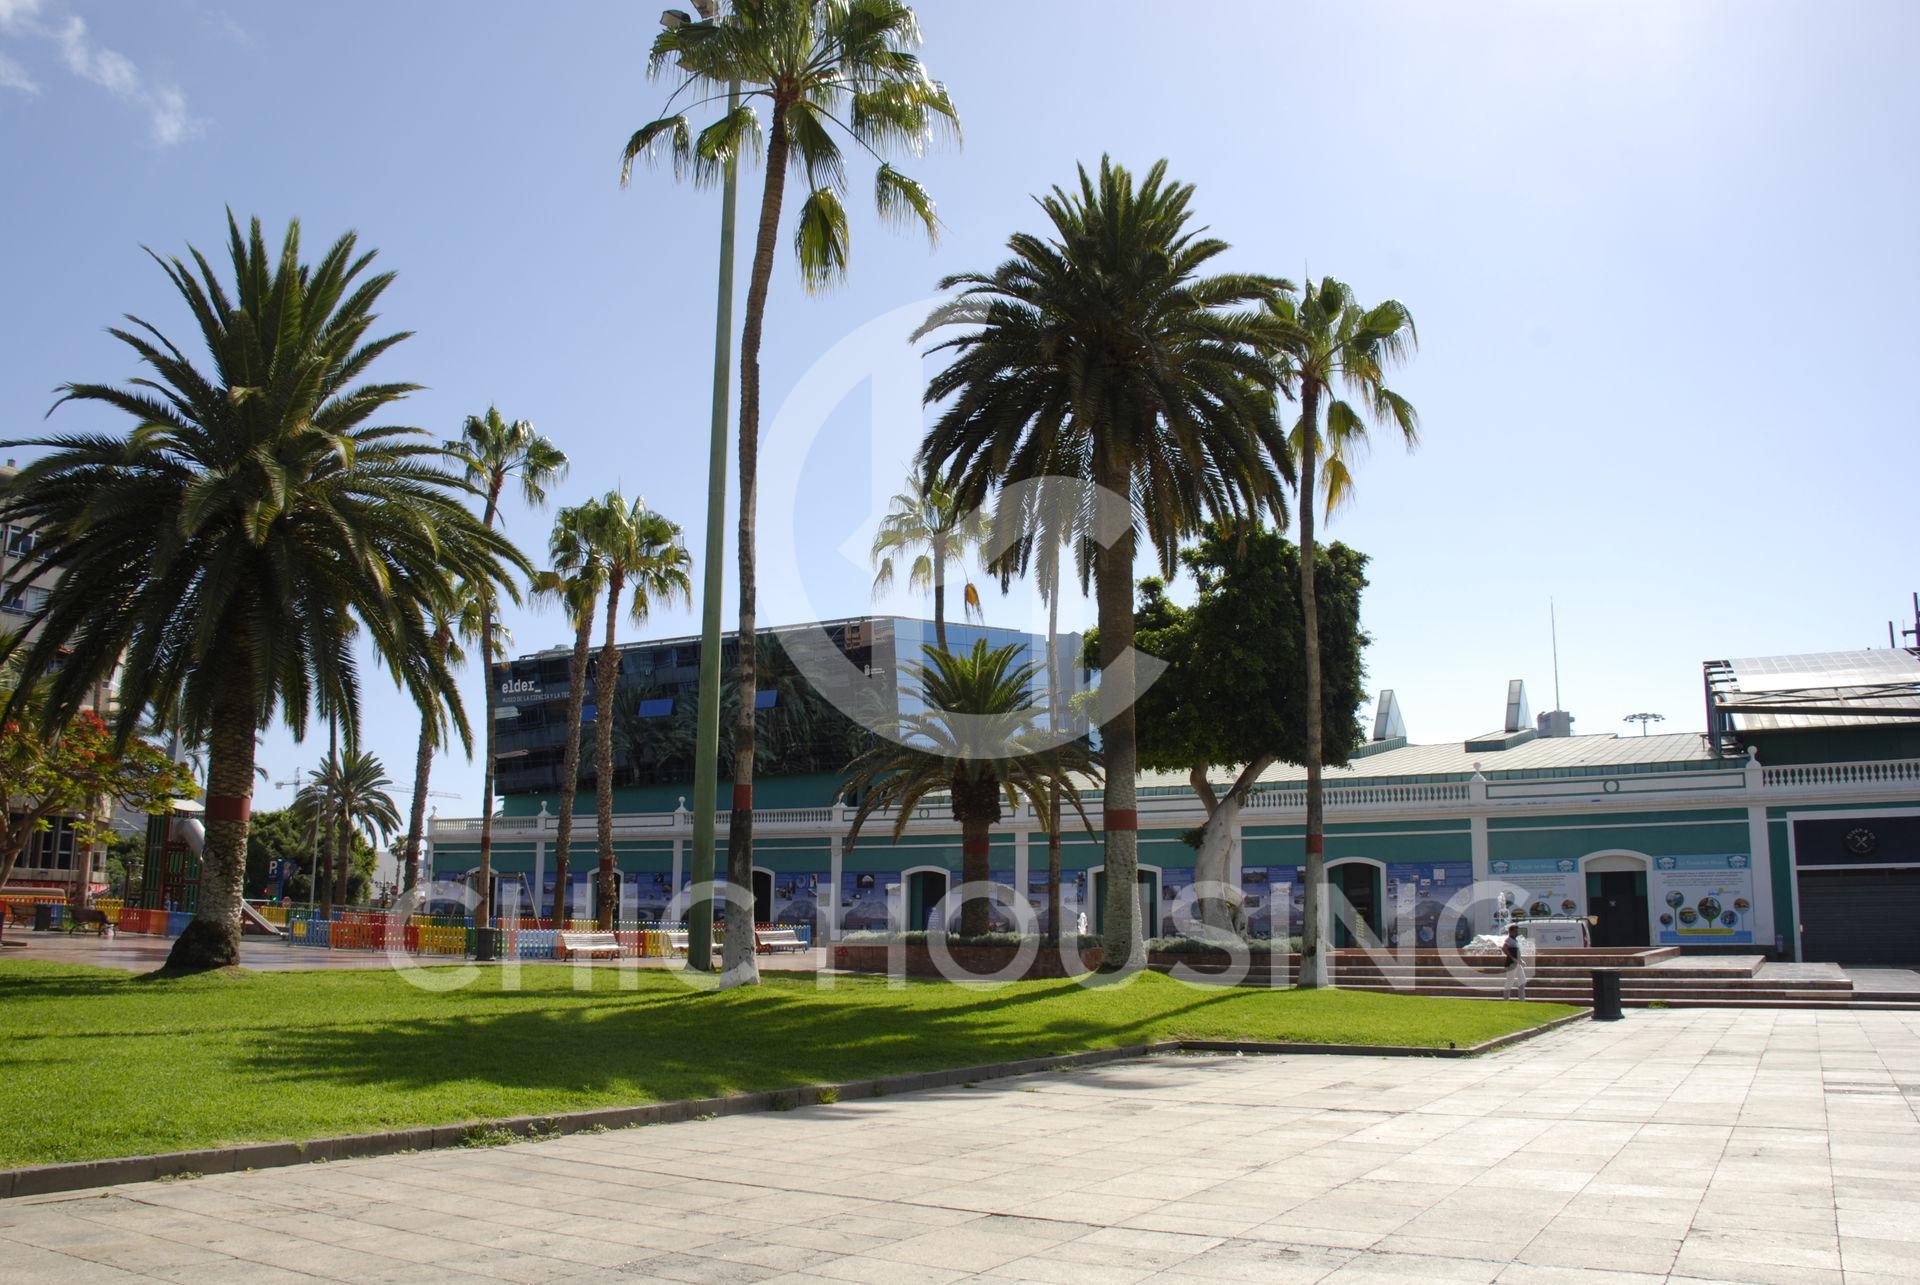 alquiler-vivienda-vacacional-las-palmas-de-gran-canaria-las-canteras-parque-santa-catalina02